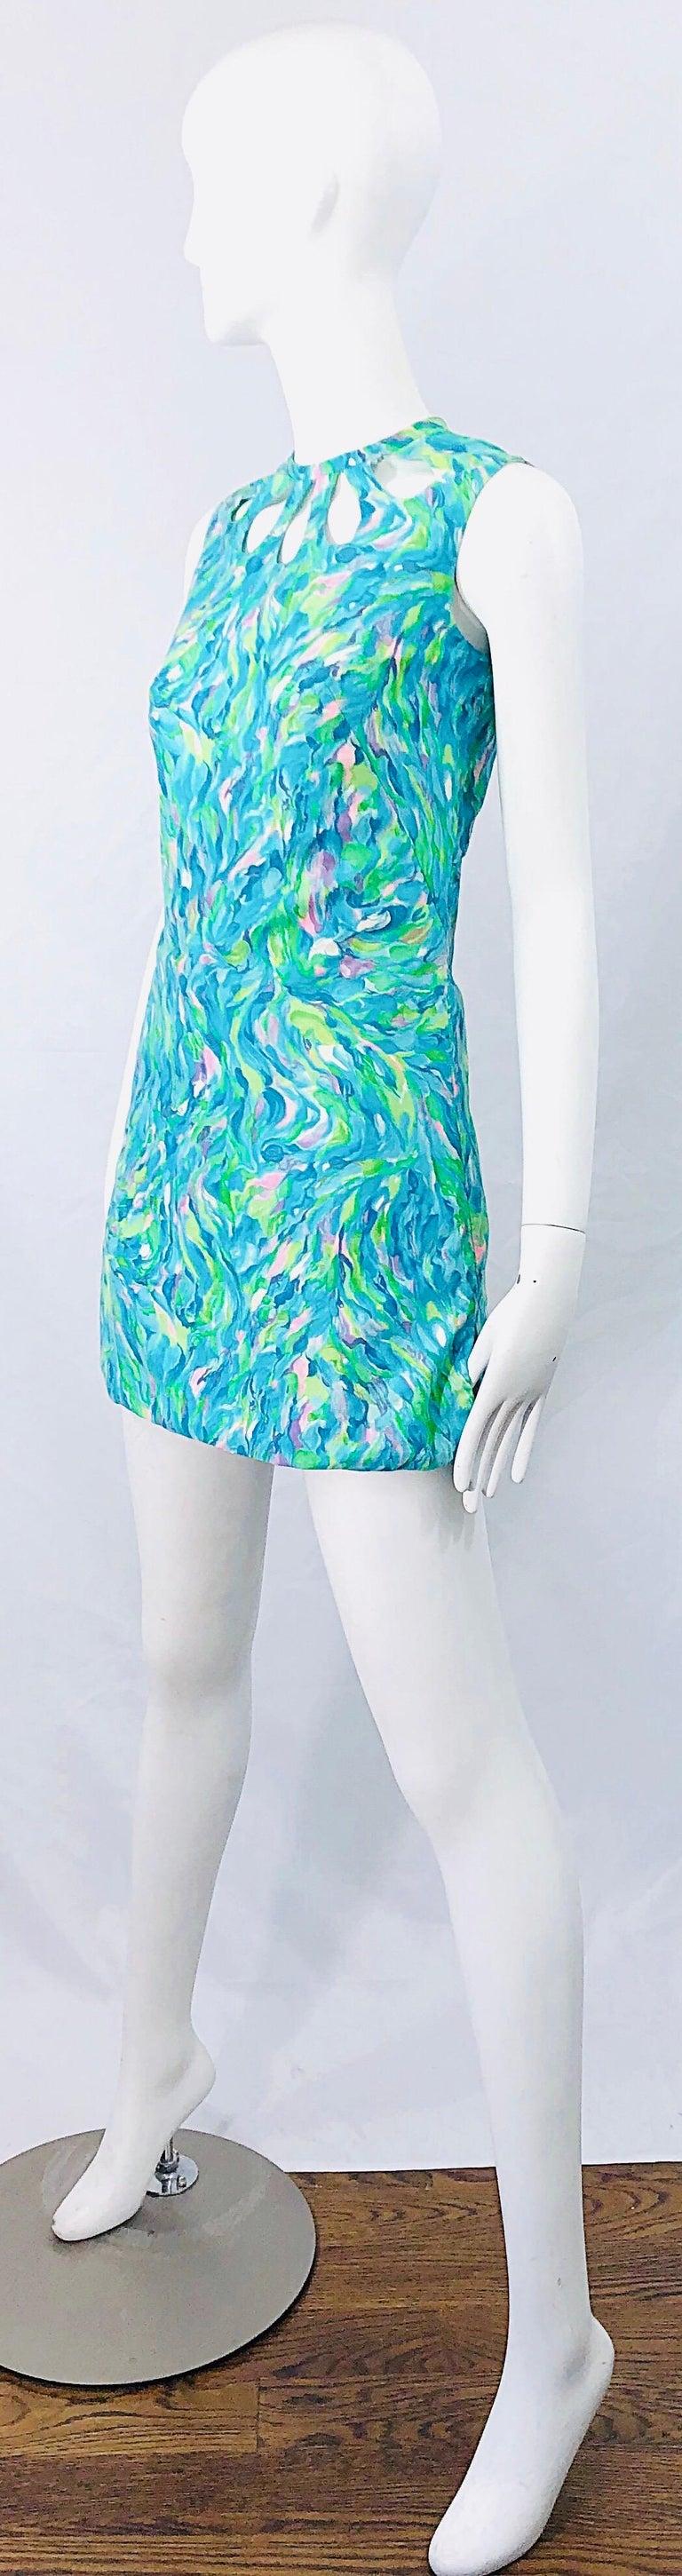 1960s Romper Watercolor Pastel Cut Out Cotton Vintage 60s Shift Dress Jumpsuit For Sale 1